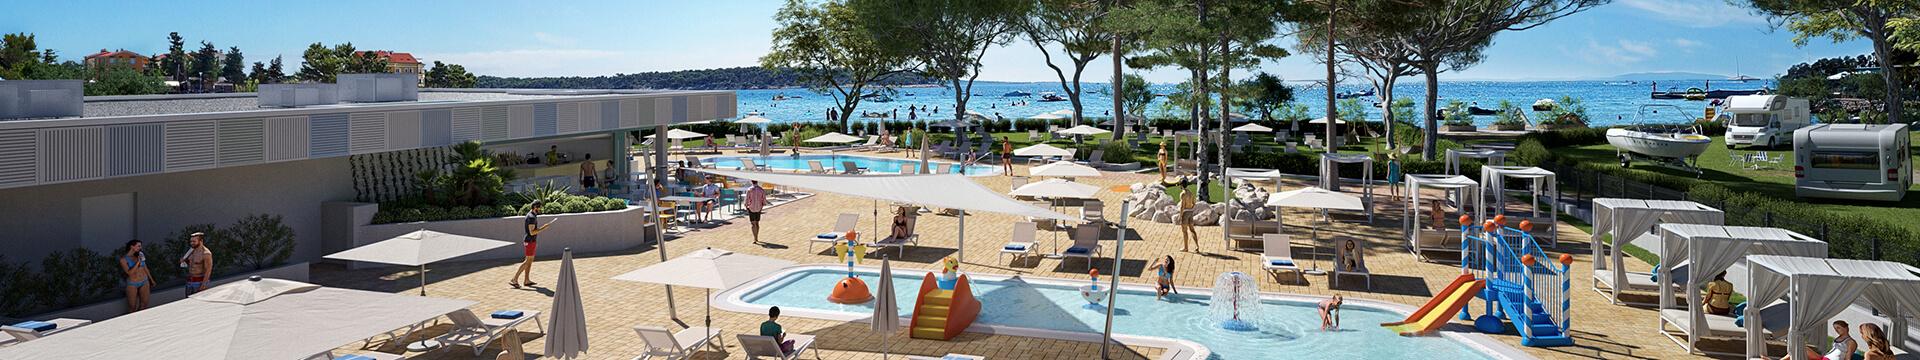 Novi bazeni i cjelodnevna animacija uz pregršt aktivnosti u Padova Premium Camping Resortu